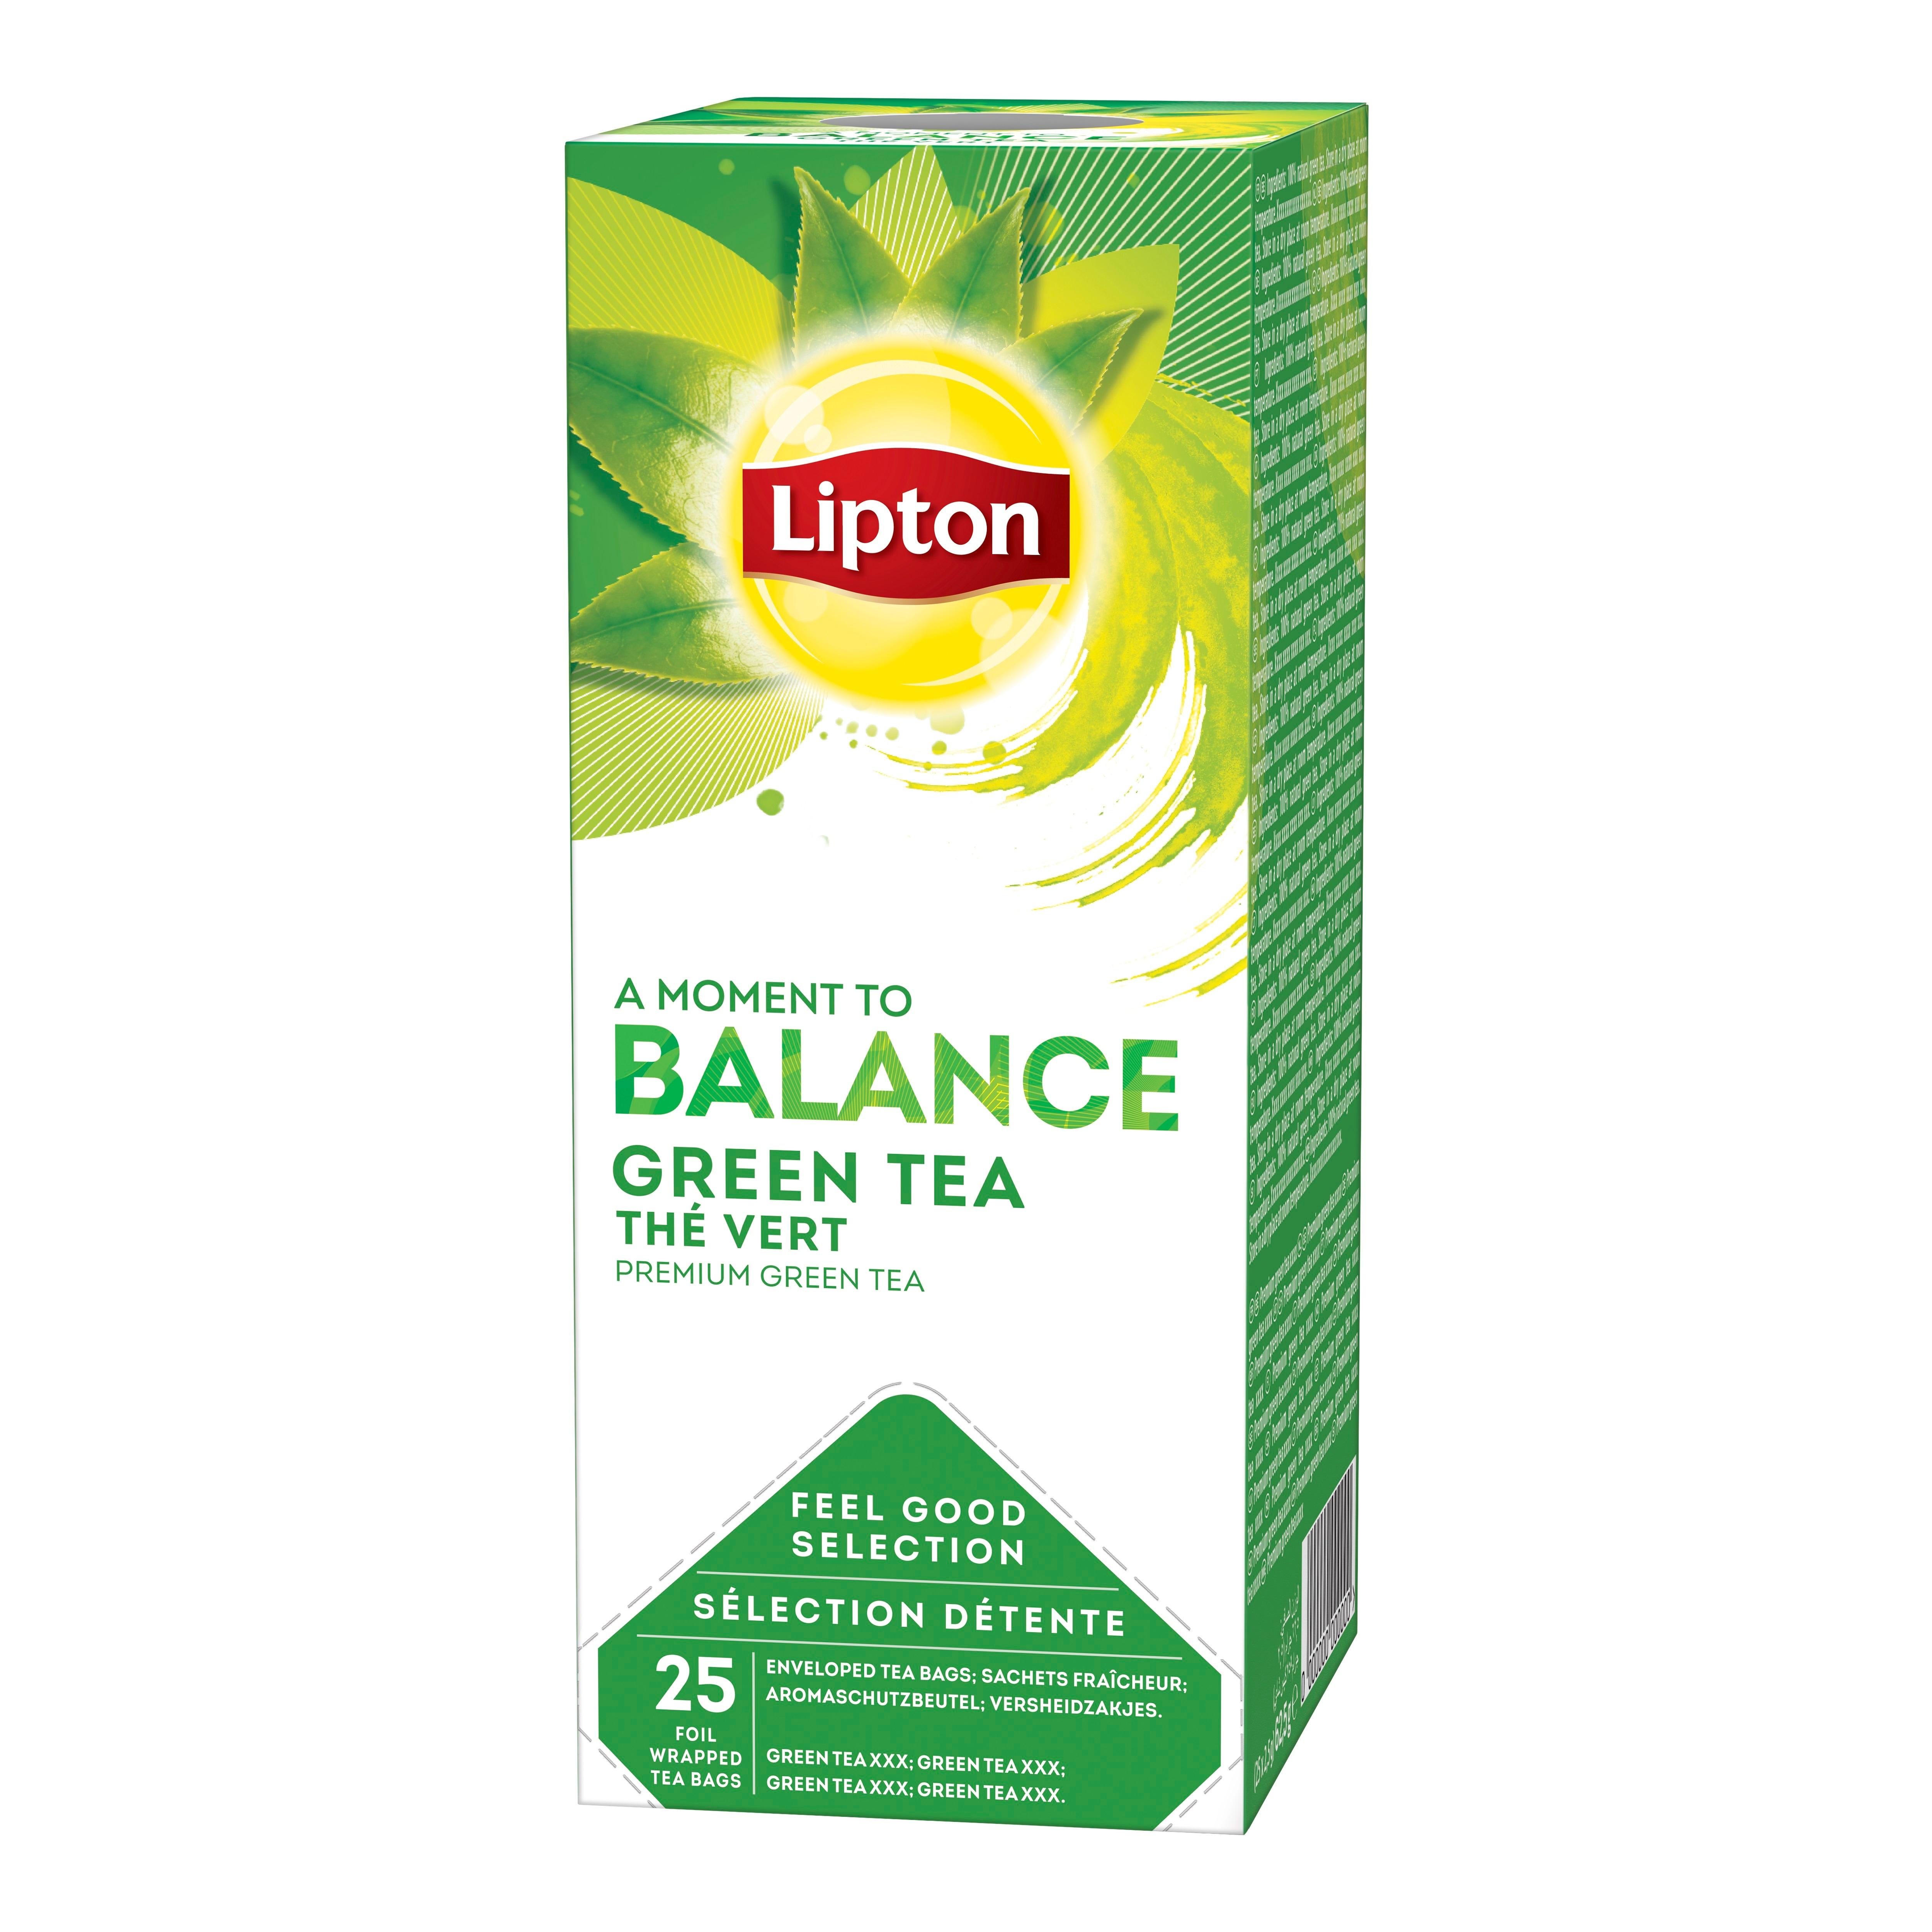 Lipton zeleni čaj 25/1 - Na voljo so različni Lipton čaji: zeliščni, črni, zeleni in sadni.